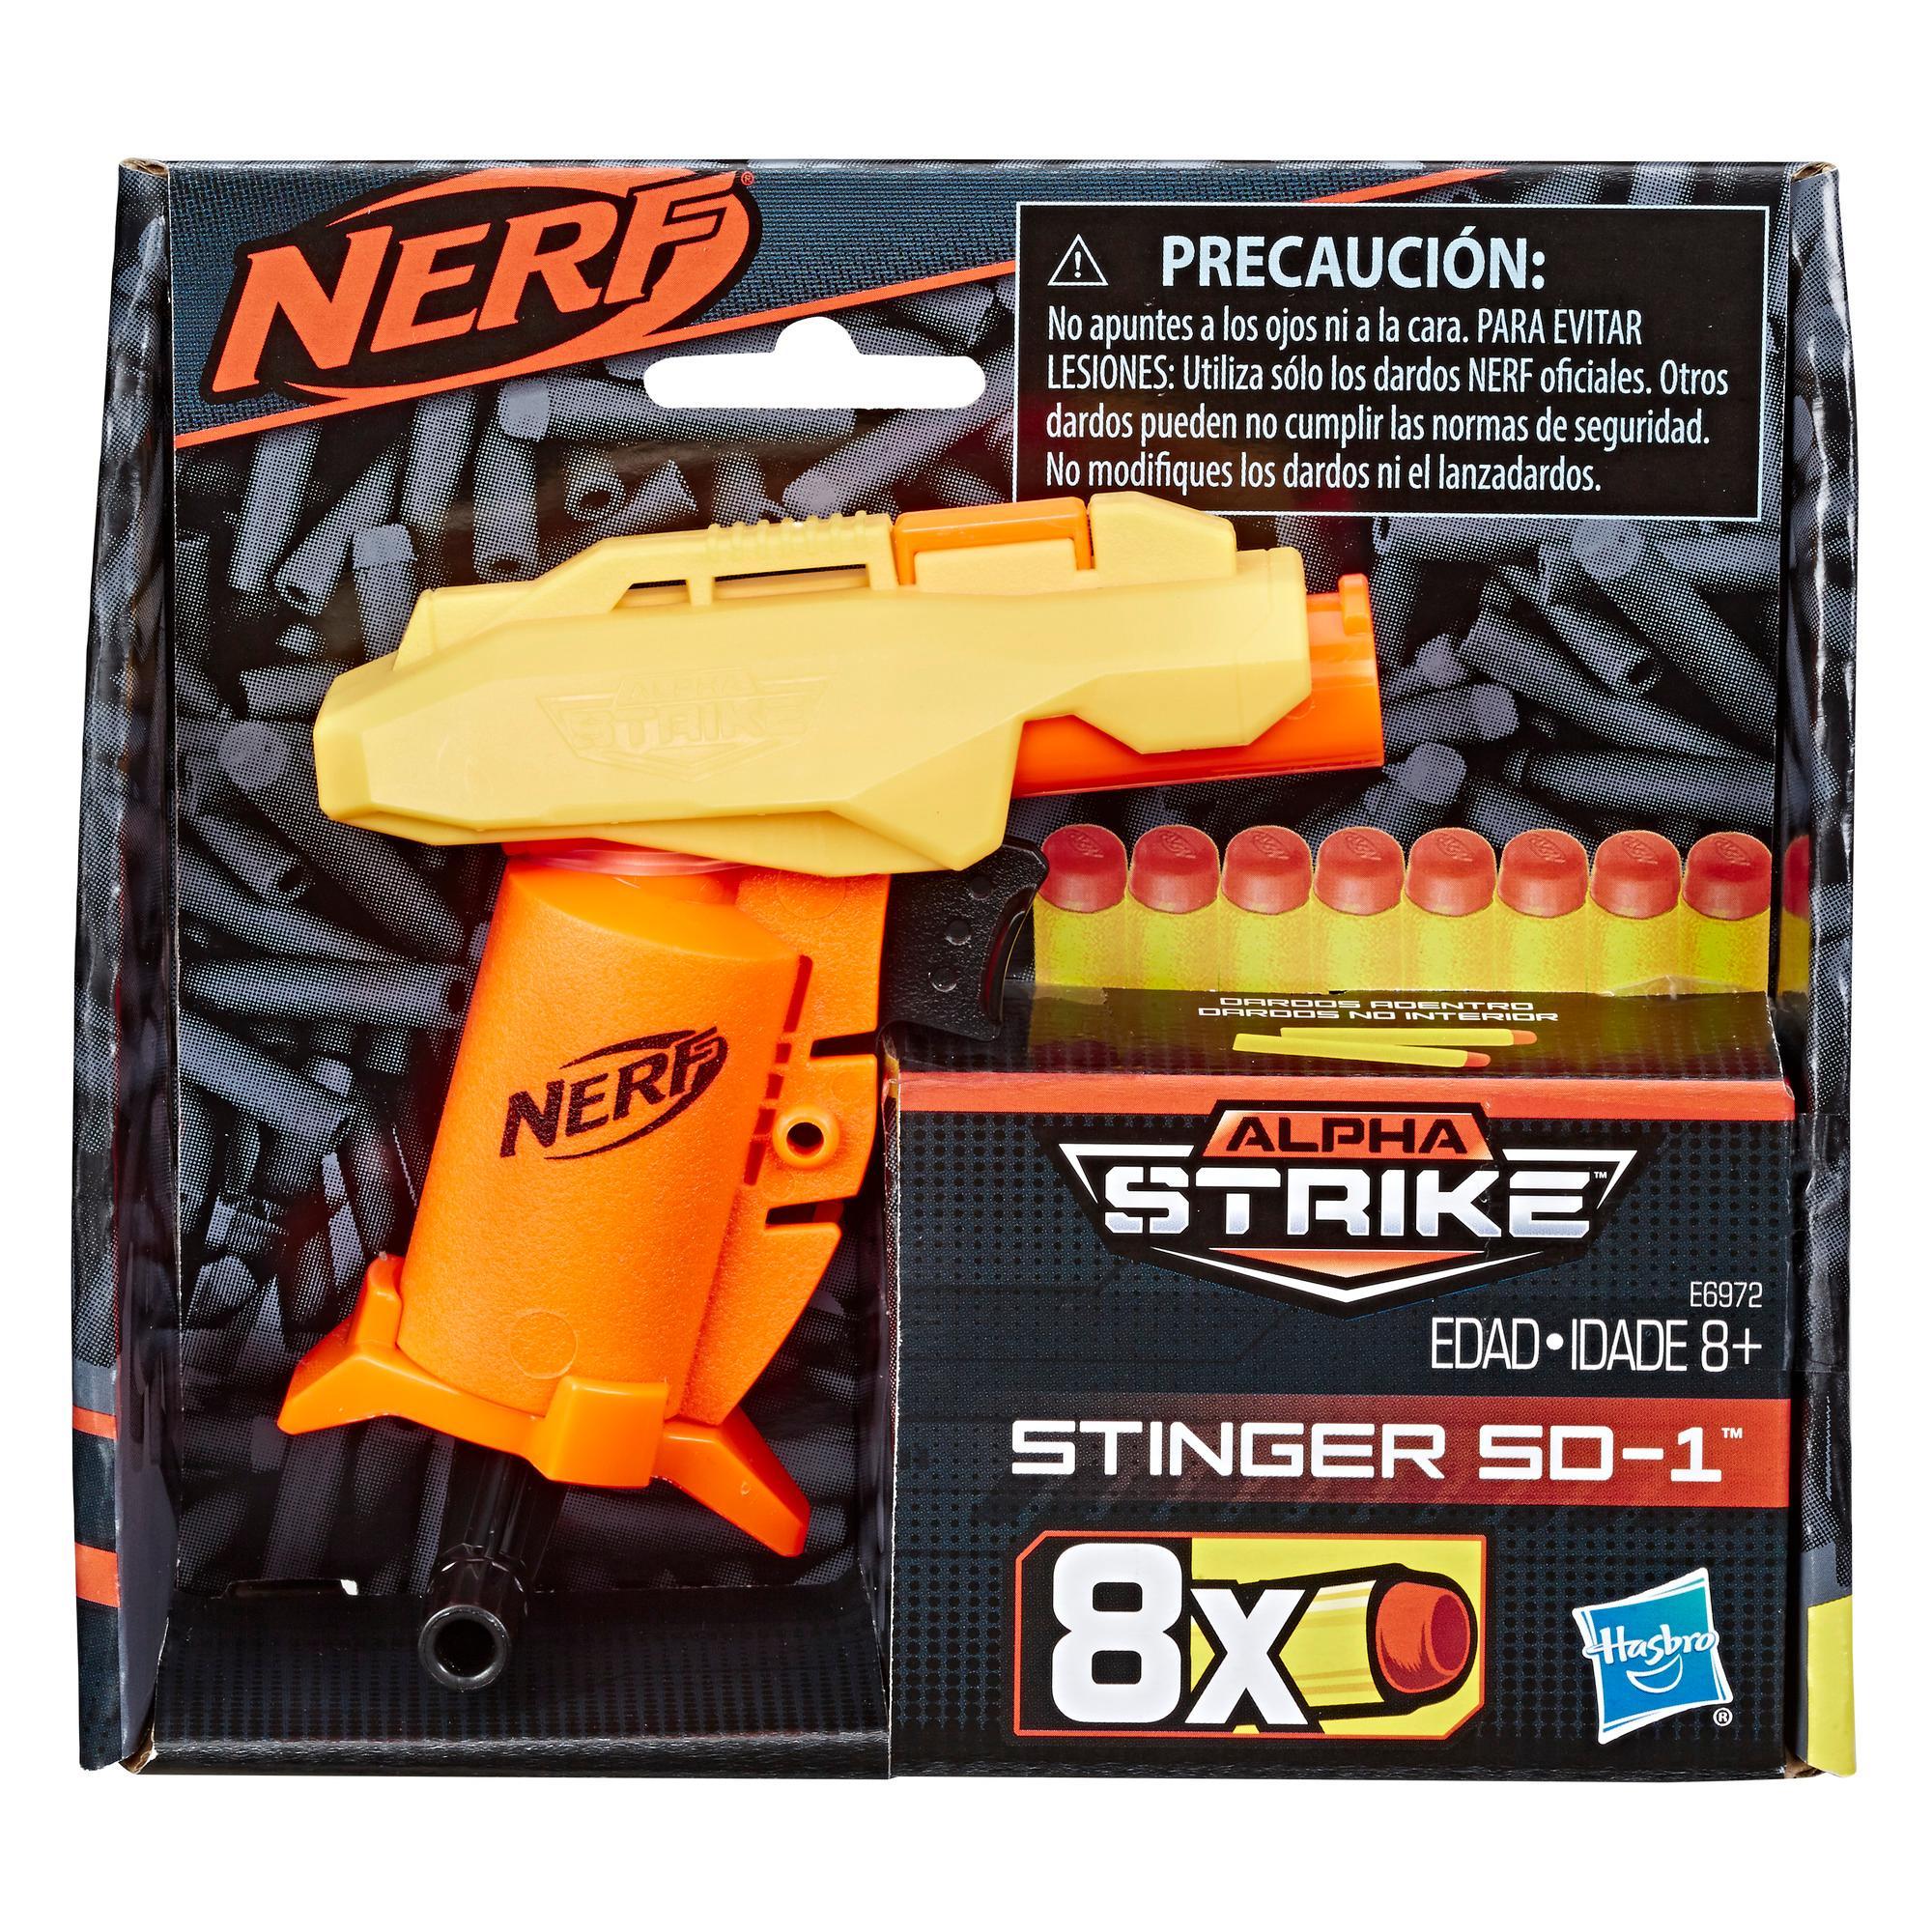 Nerf Alpha Strike - Stinger SD-1